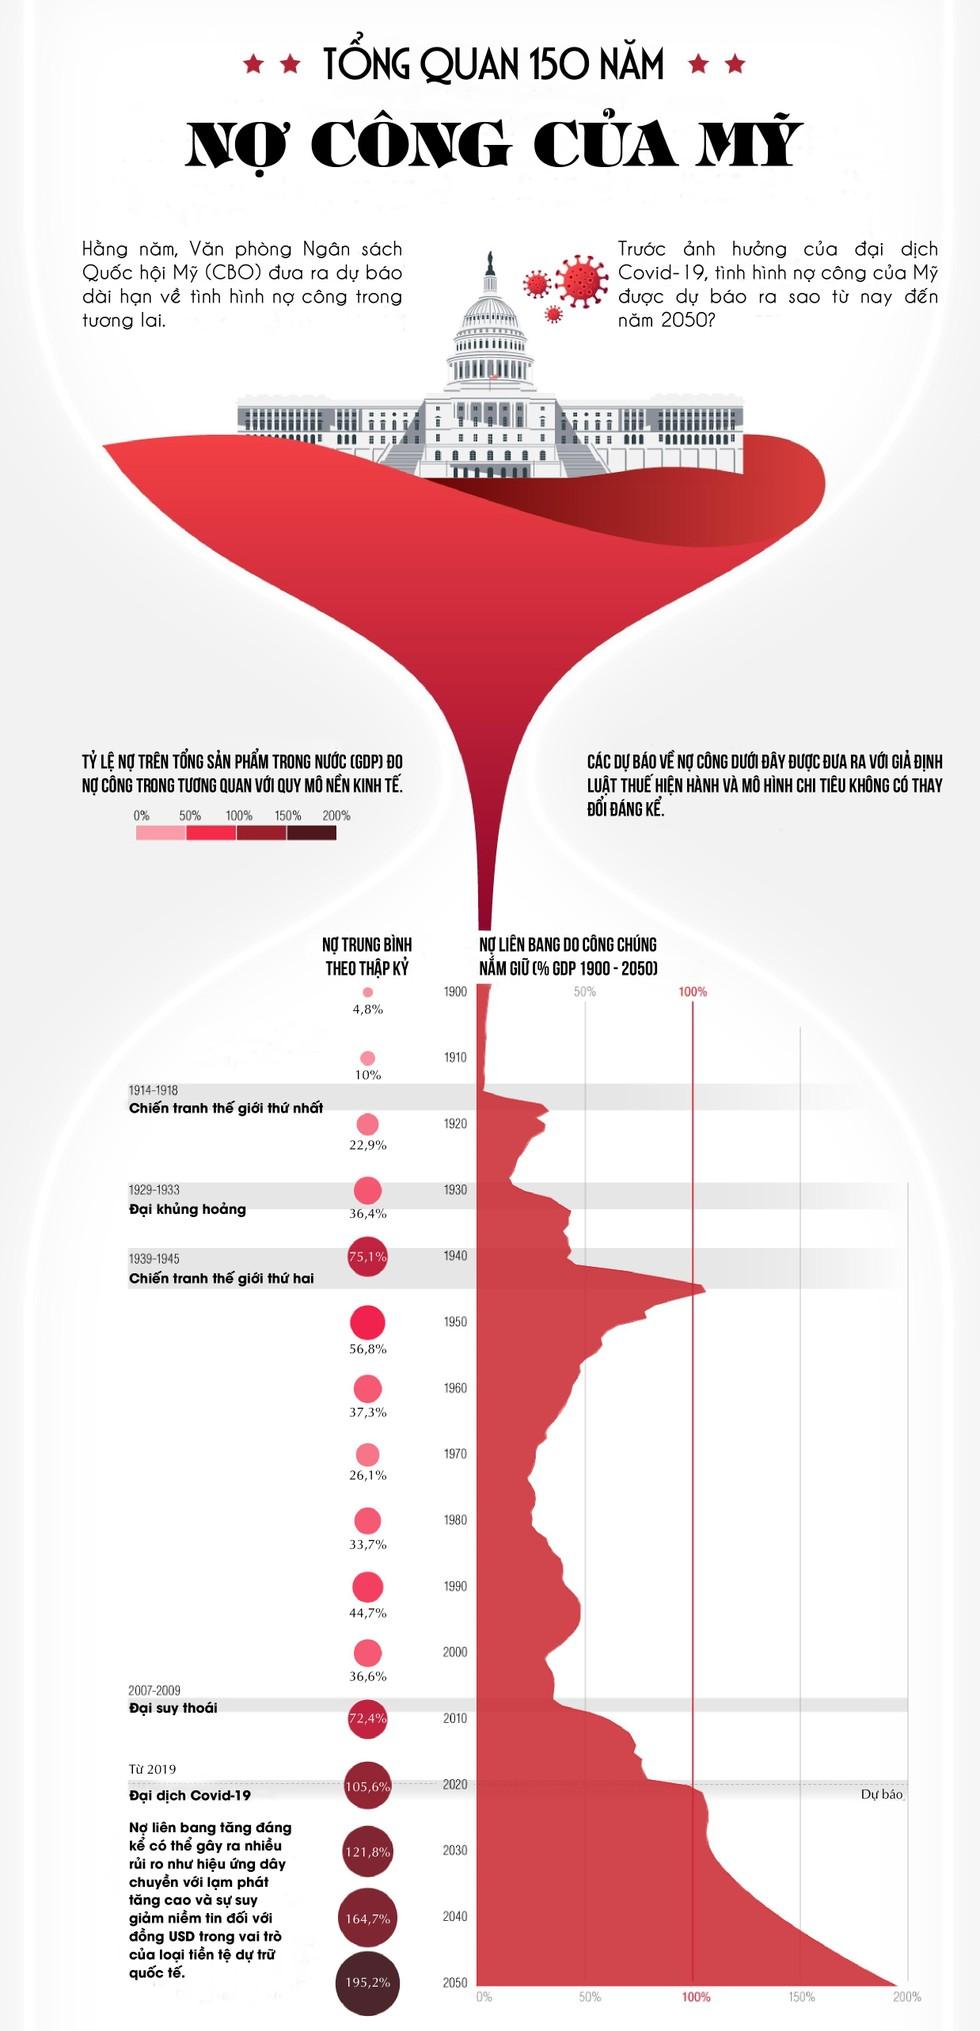 [Infographic] Tổng quan 150 năm nợ công của Mỹ ảnh 1